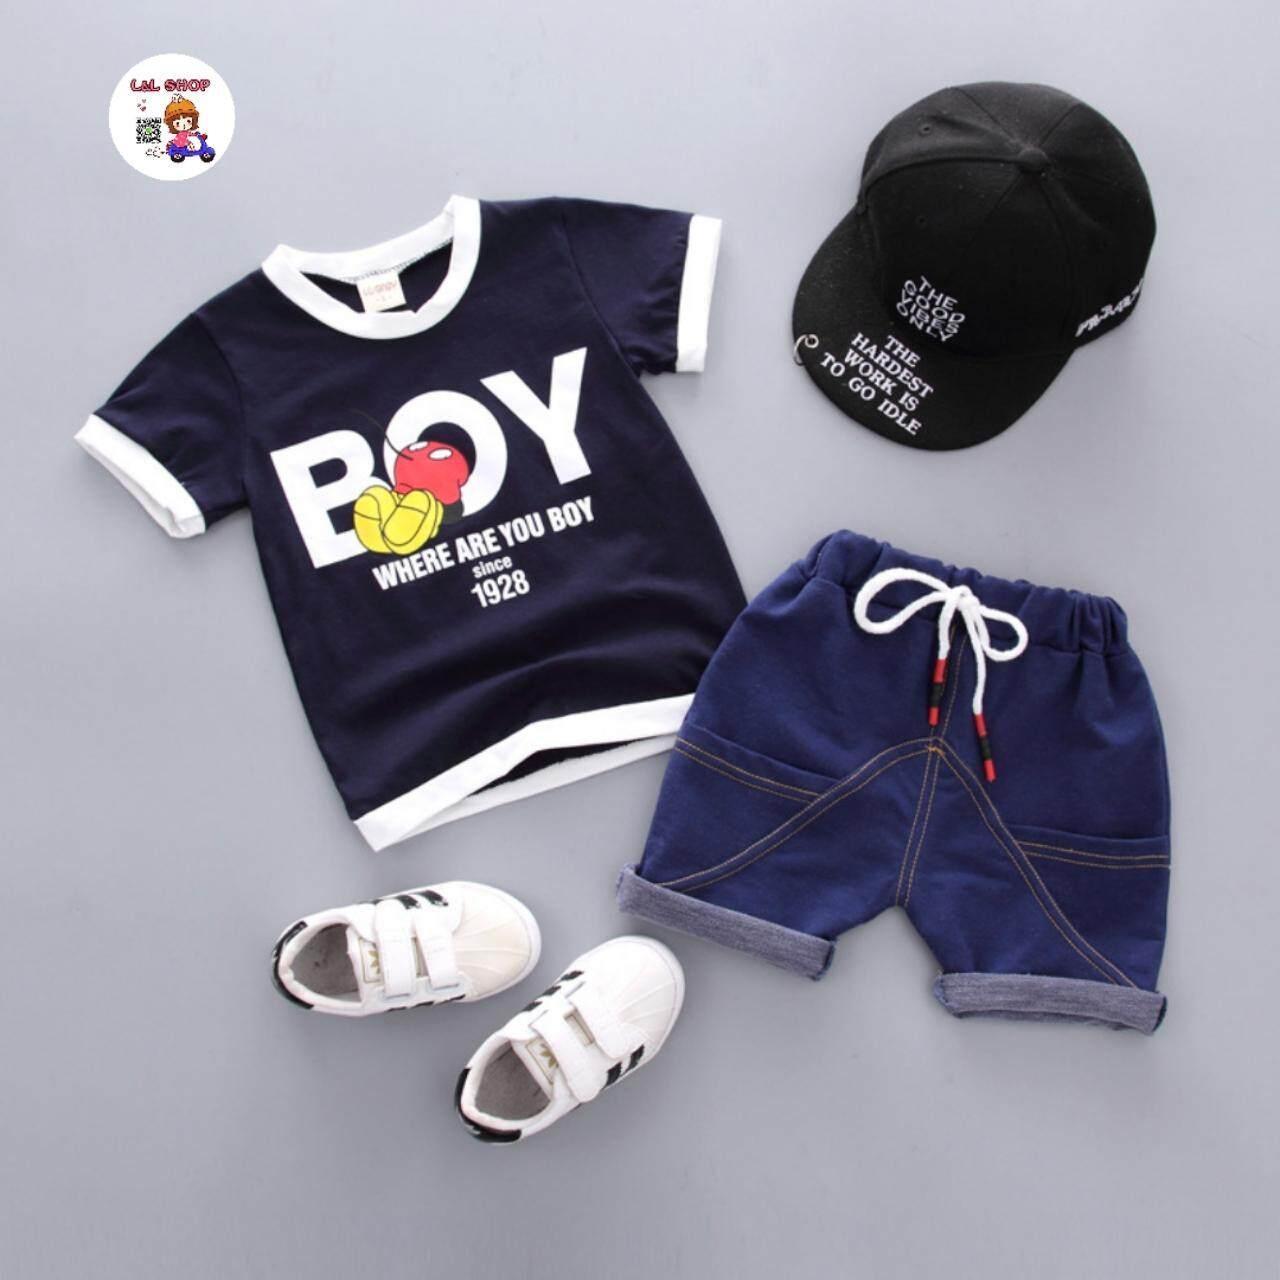 L&L SHOP เสื้อผ้าเด็ก ชุดเด็กชาย เสื้อ พร้อมกางเกง